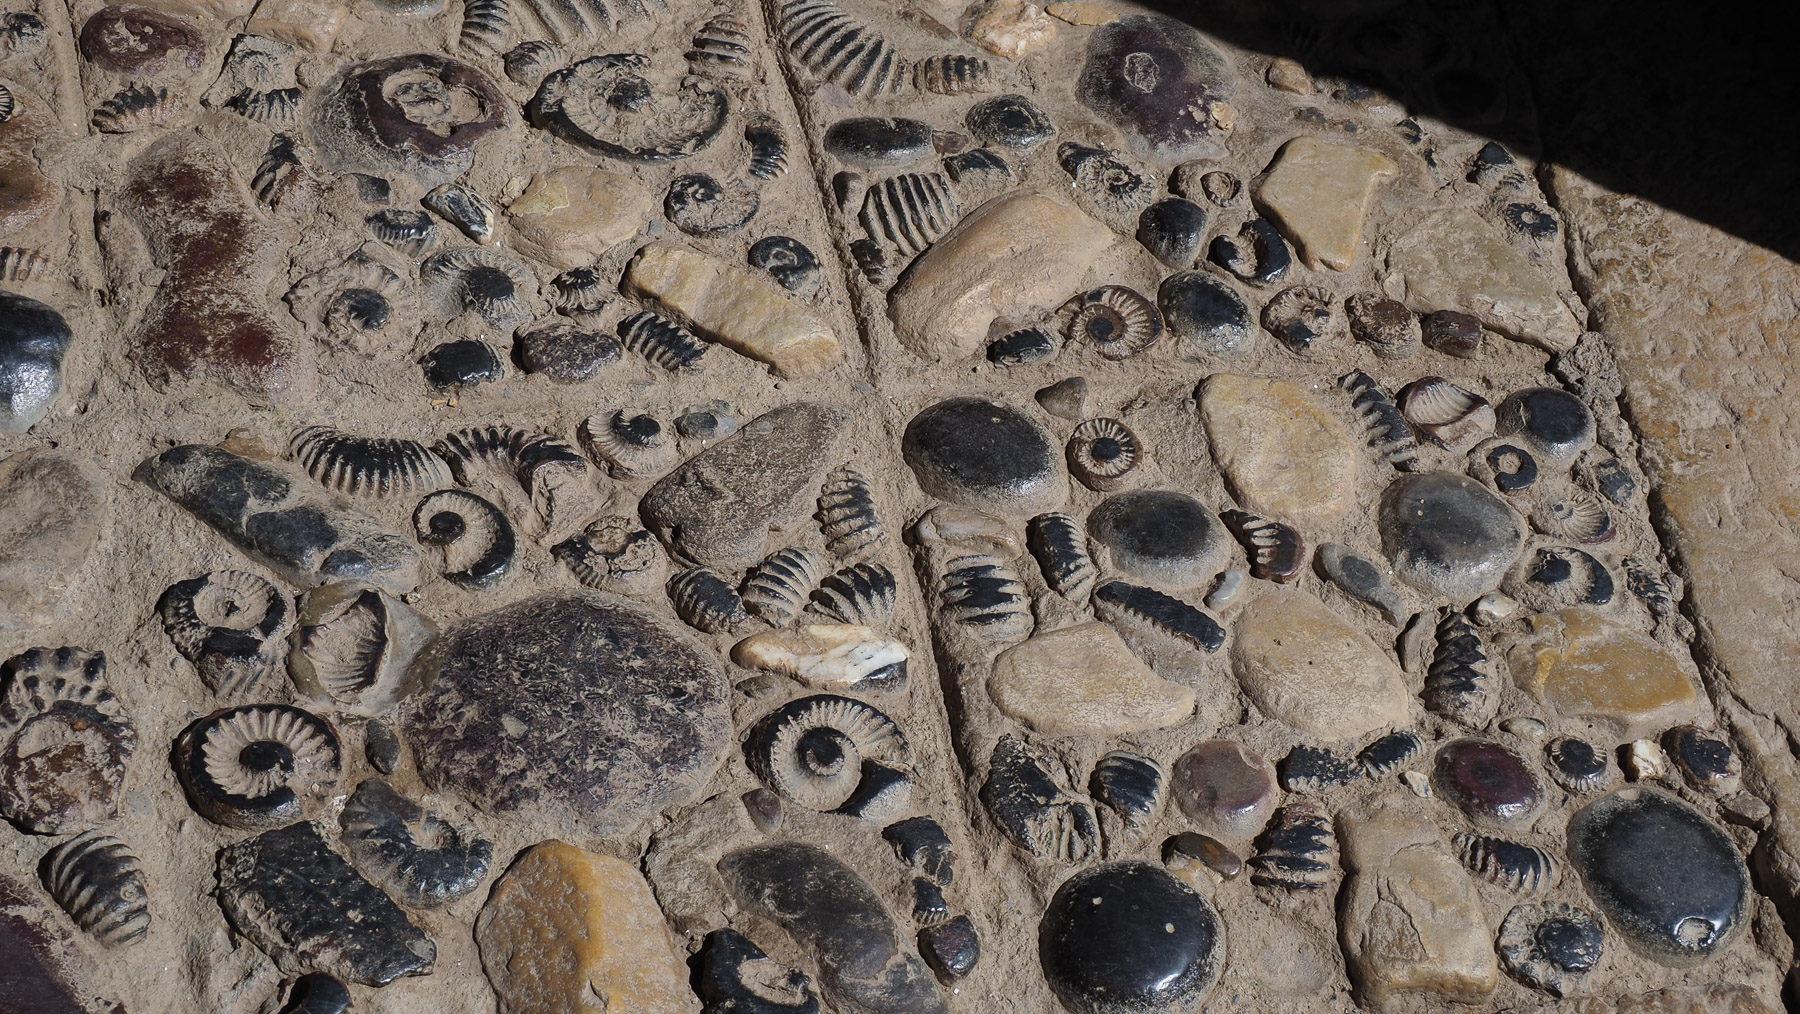 Unglaubliches Fossilien-Pflaster im Kloster!